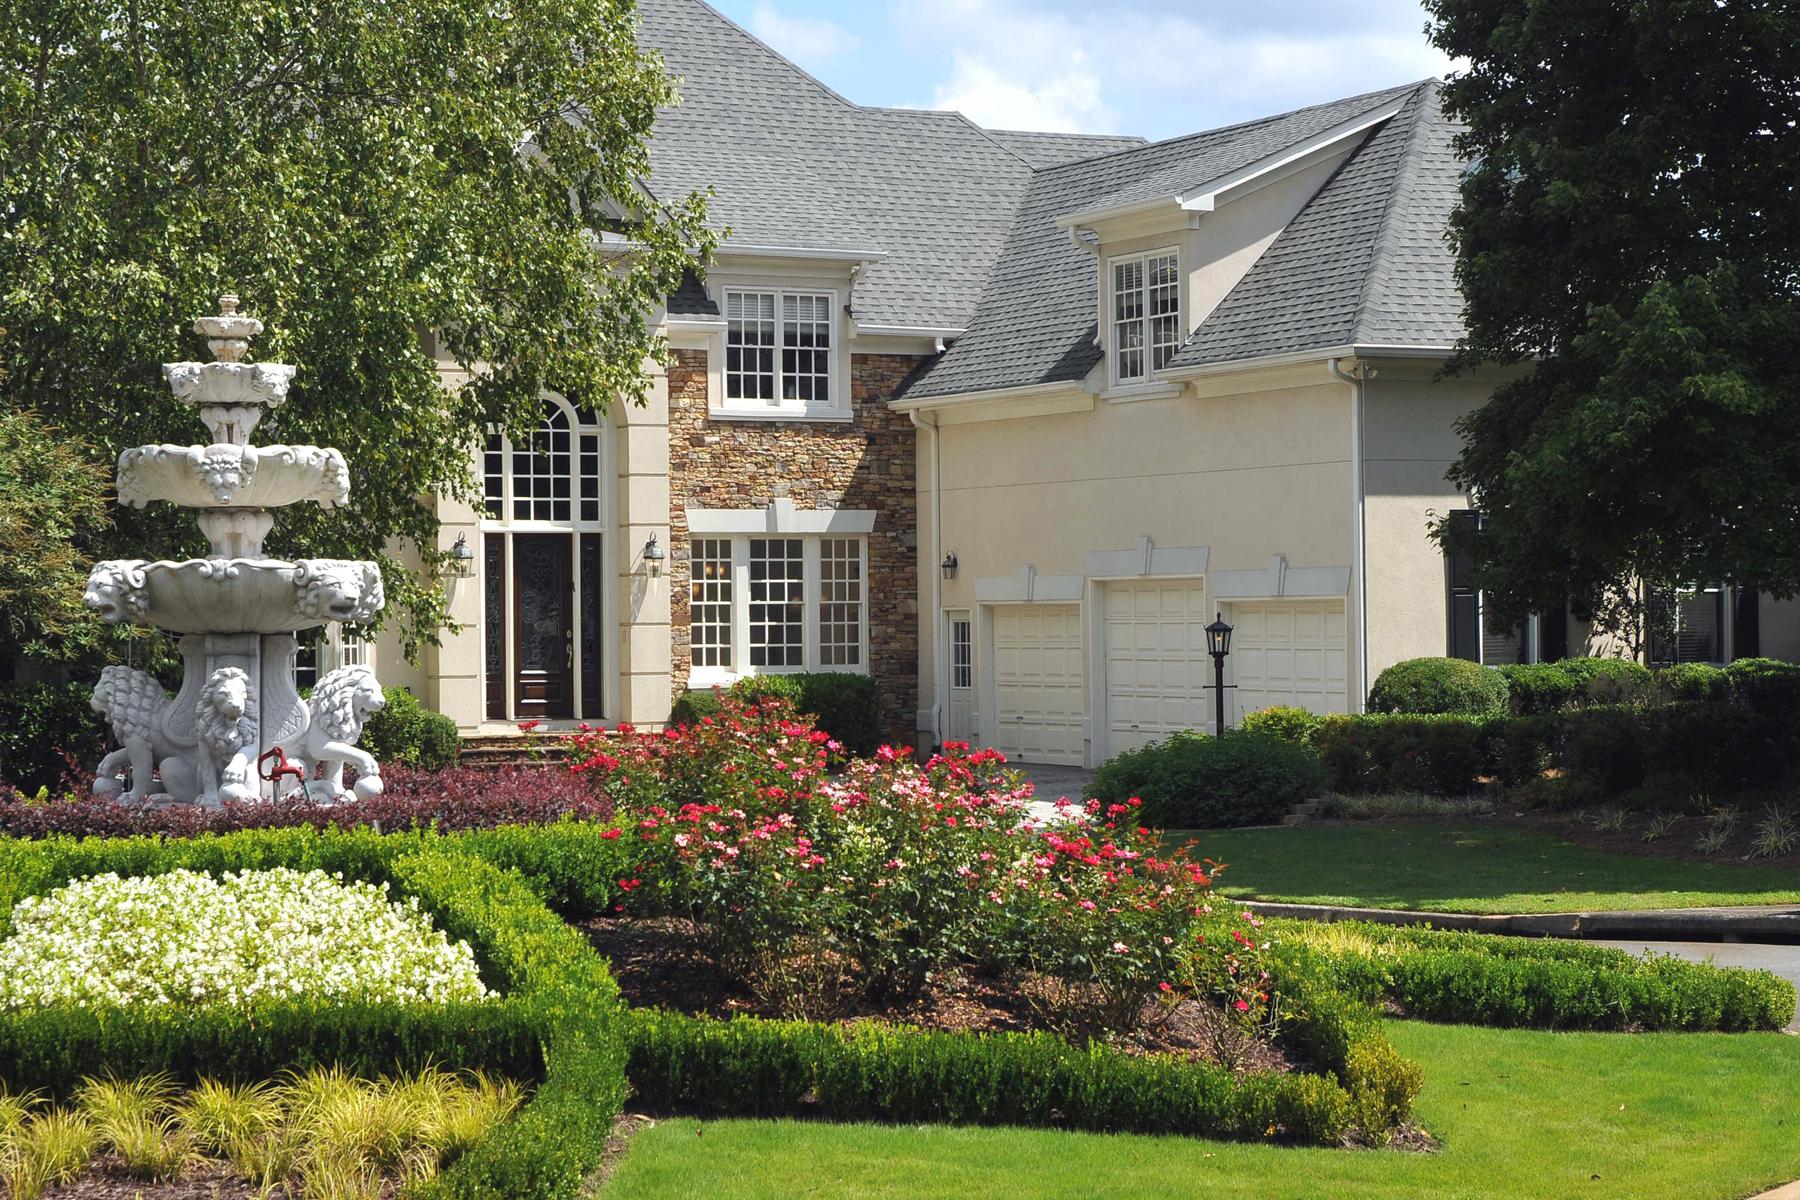 Maison unifamiliale pour l Vente à East Cobb Gem 911 Saint Lyonn Courts Marietta, Georgia, 30068 États-Unis